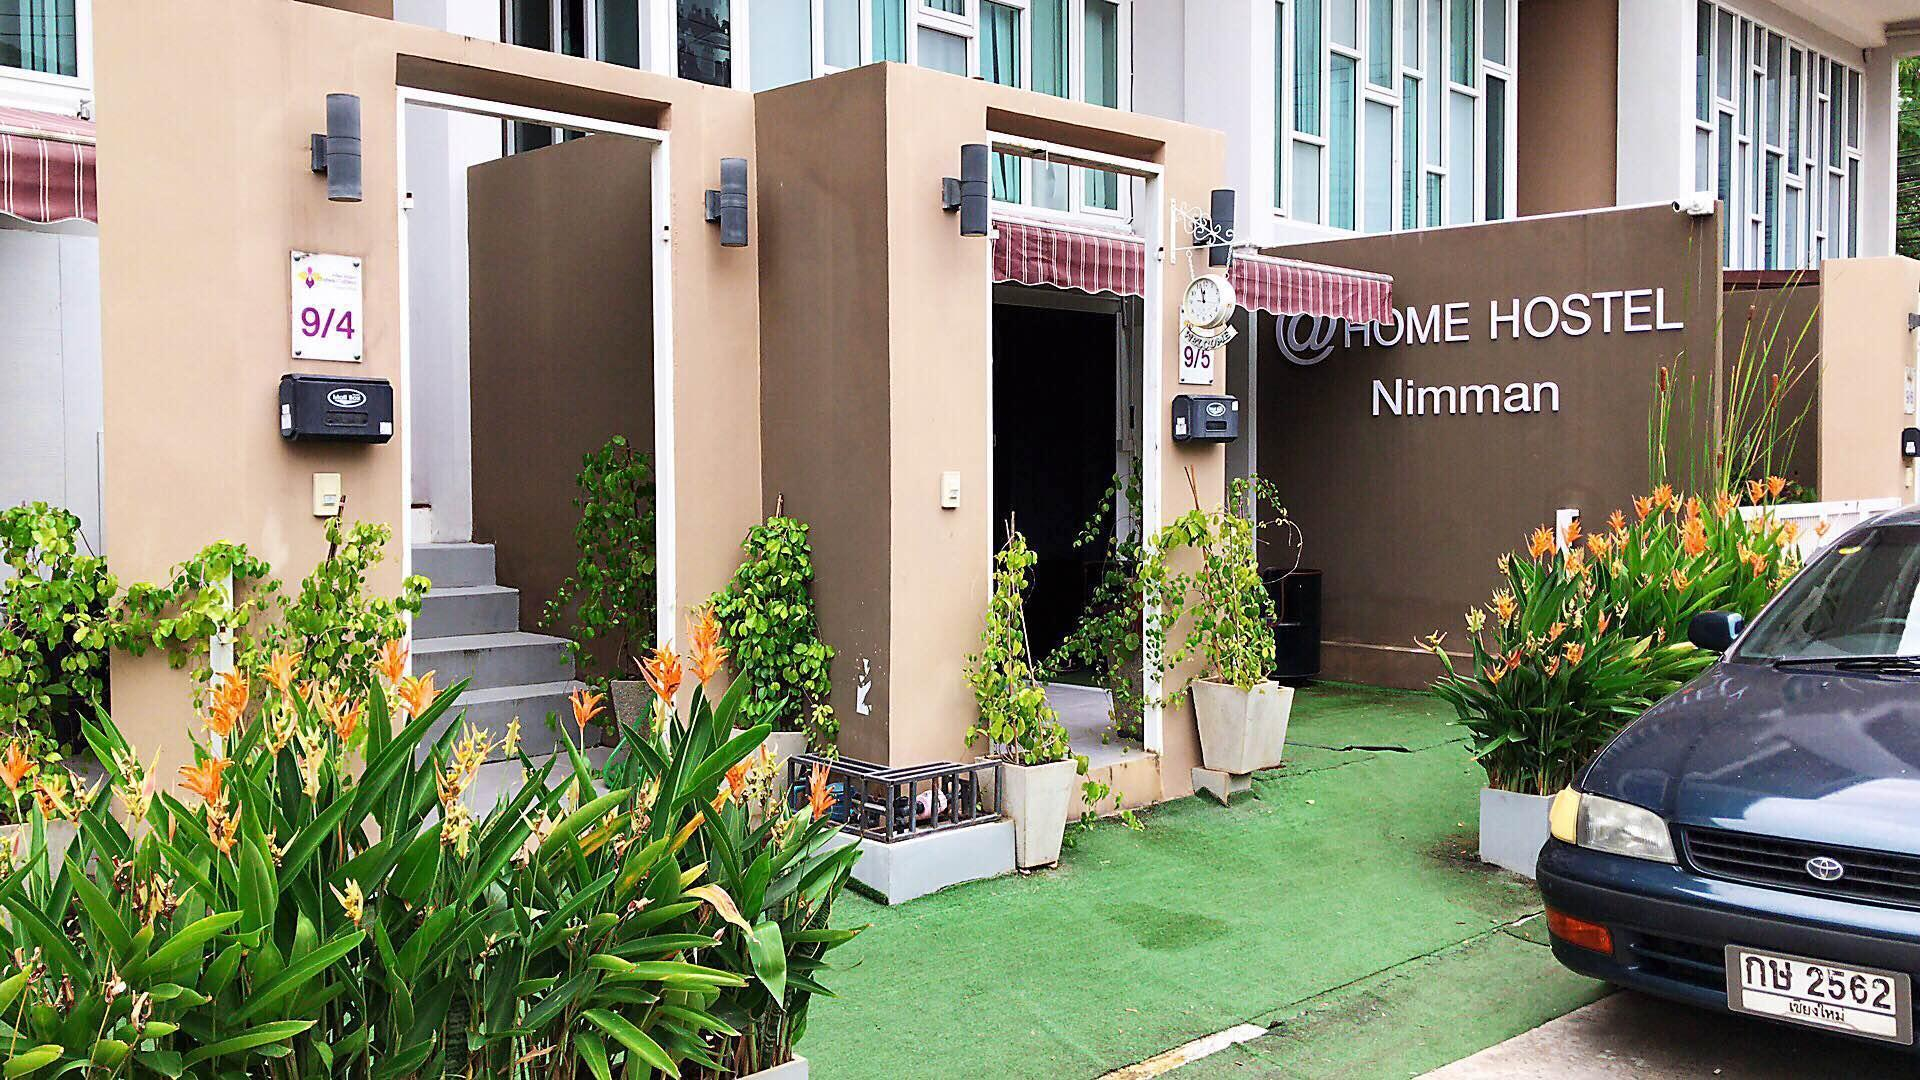 @home Hostel Nimman